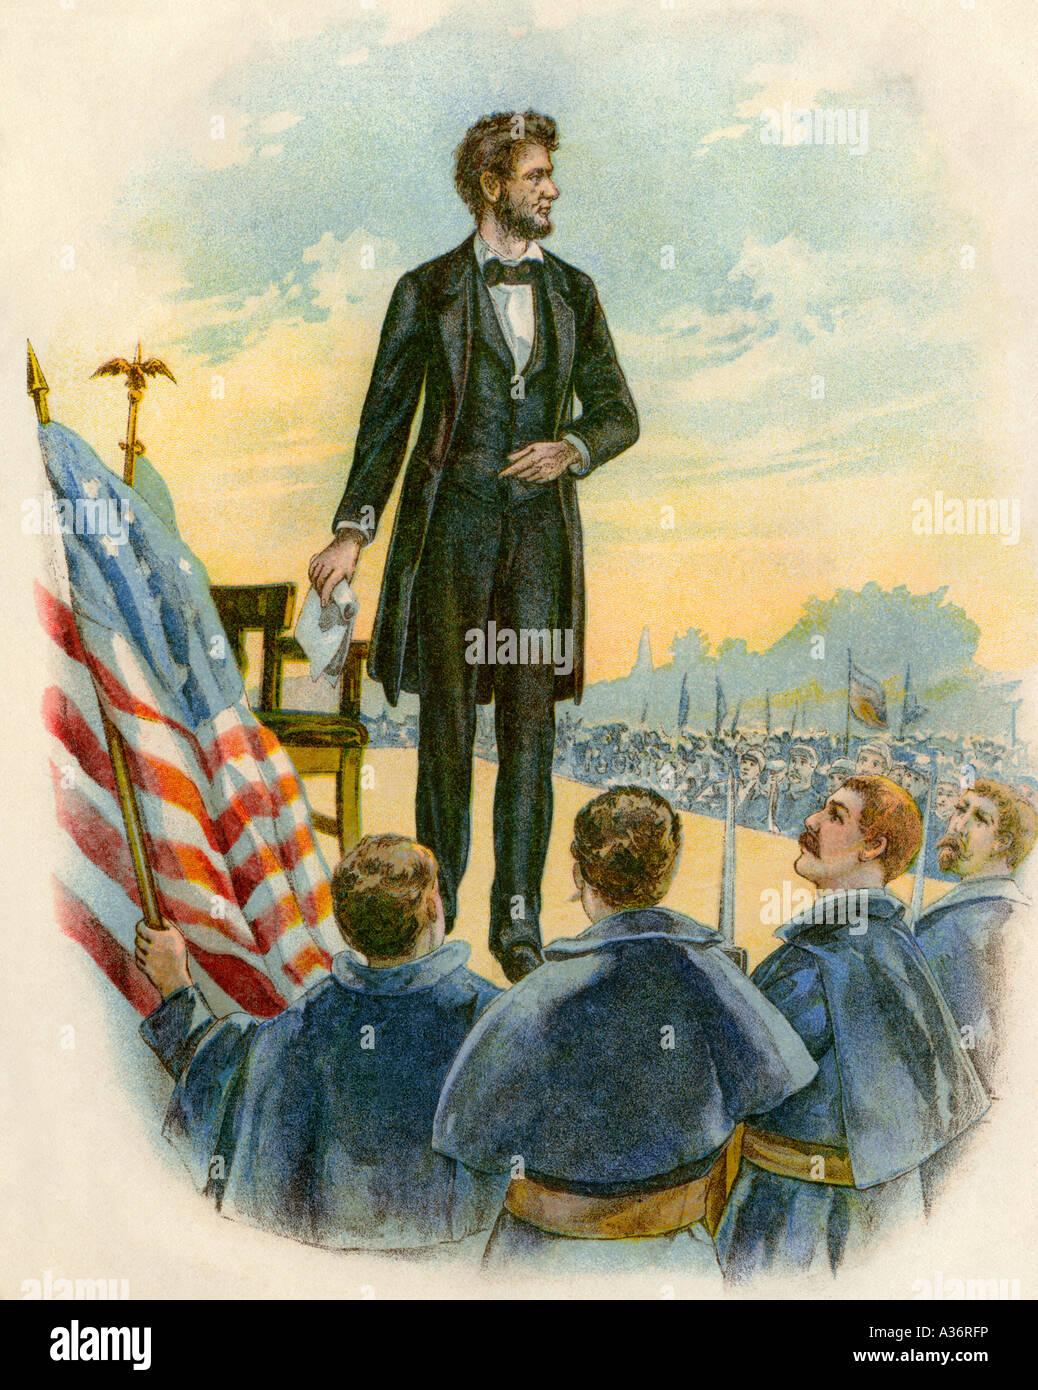 Präsident Abraham Lincoln der Gettysburg-Rede auf dem Schlachtfeld zu liefern, während der Bürgerkrieg 1863 Stockfoto